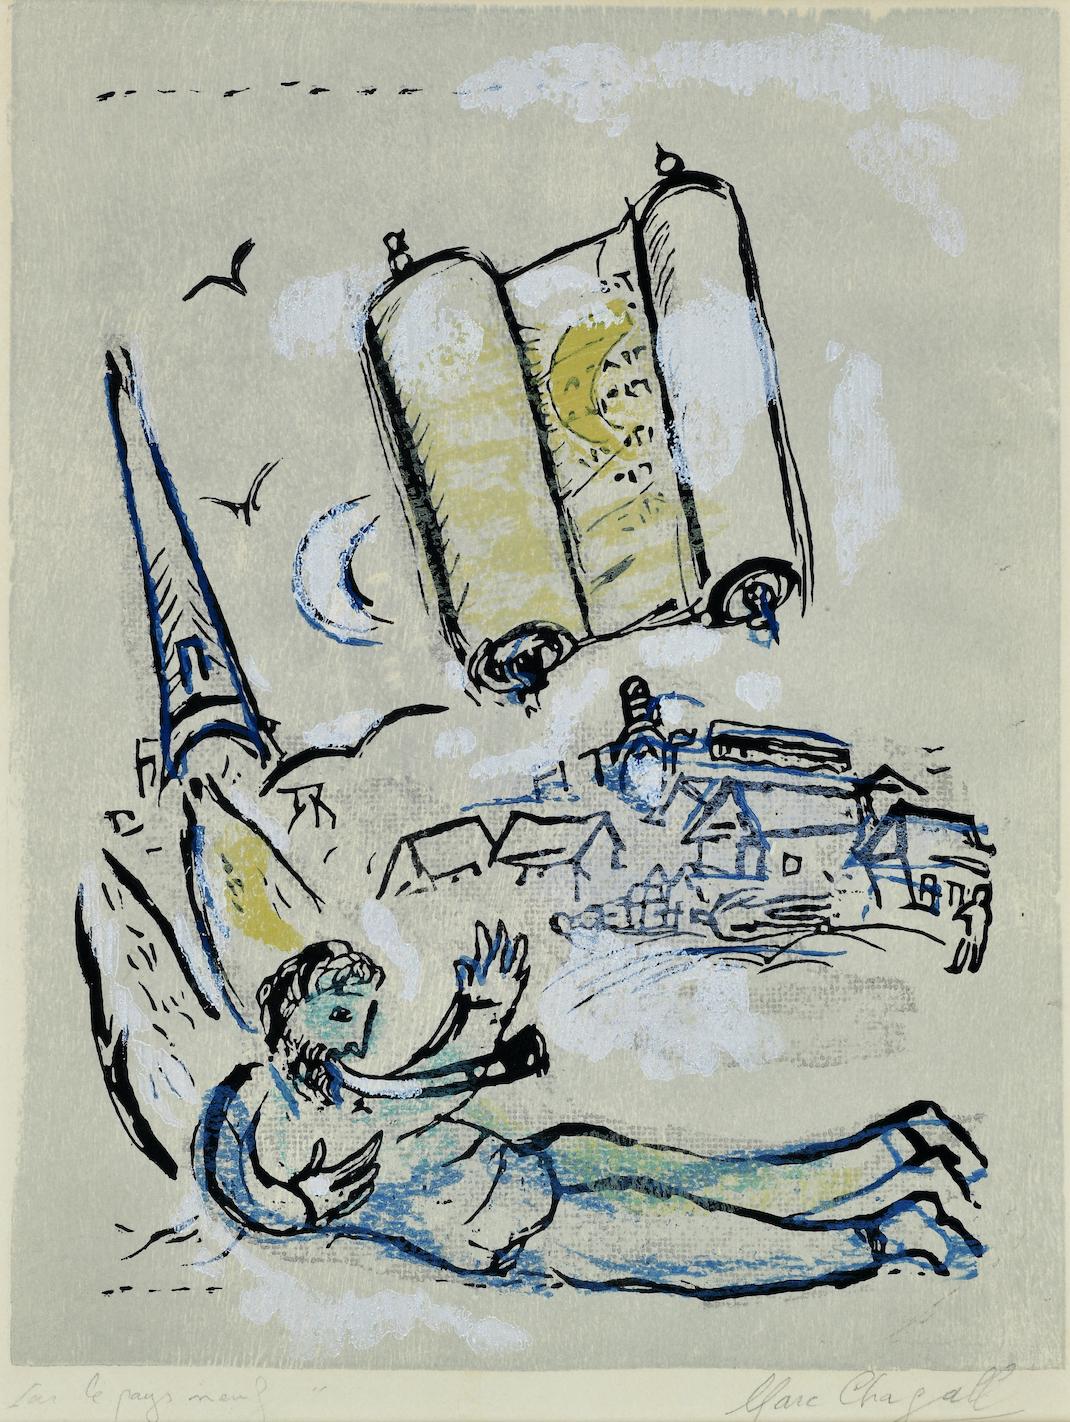 Марк Шагал, из серии _Стихотворения_, 1968, 32 × 25 см Из колекции Вадима Мороховского